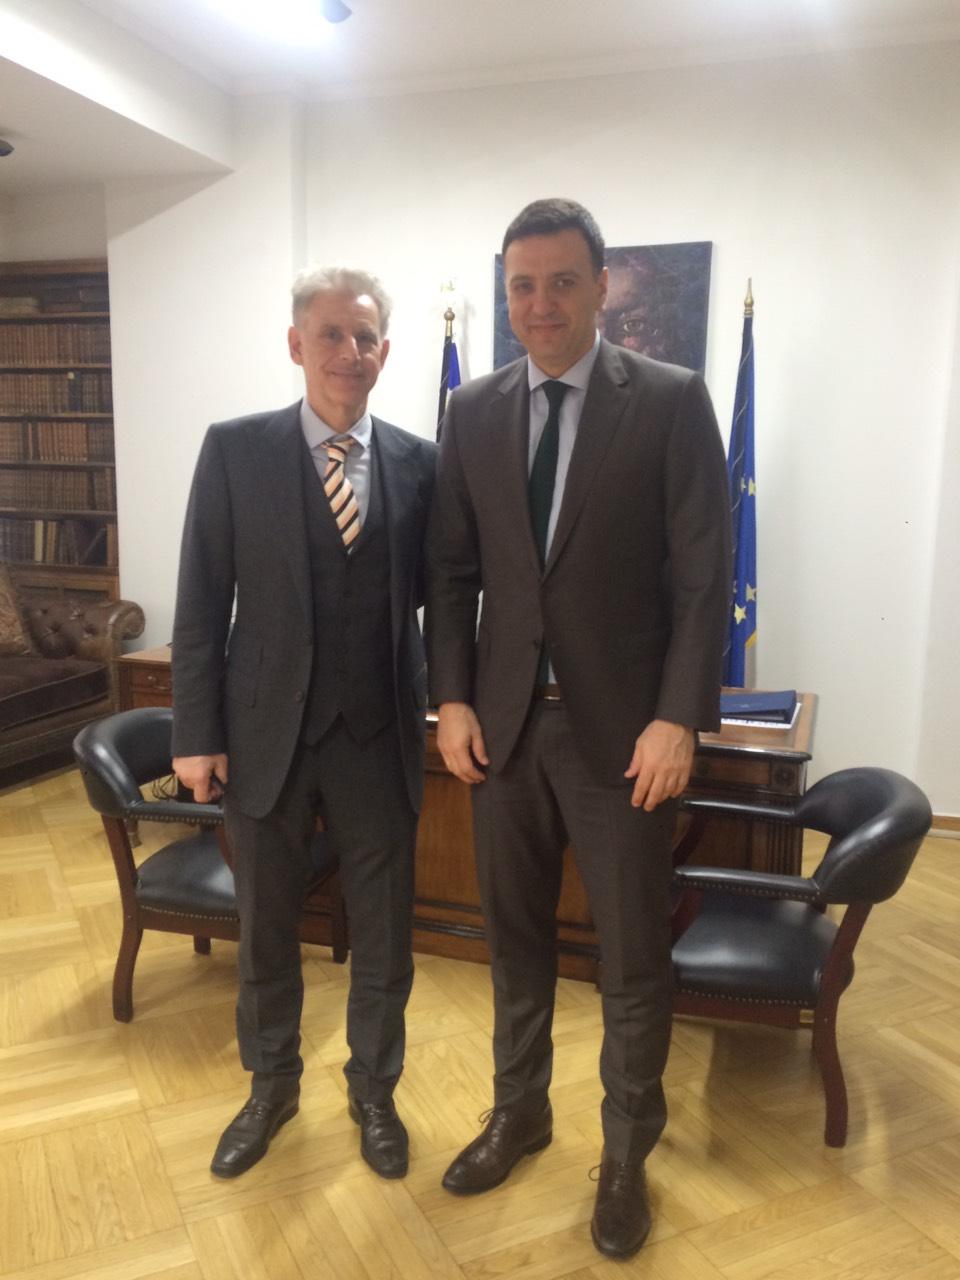 , Σπύρος Πνευματικός:Συνάντηση με τον Υπουργό Υγείας Βασίλη Κικίλια, Eviathema.gr | Εύβοια Τοπ Νέα Ειδήσεις